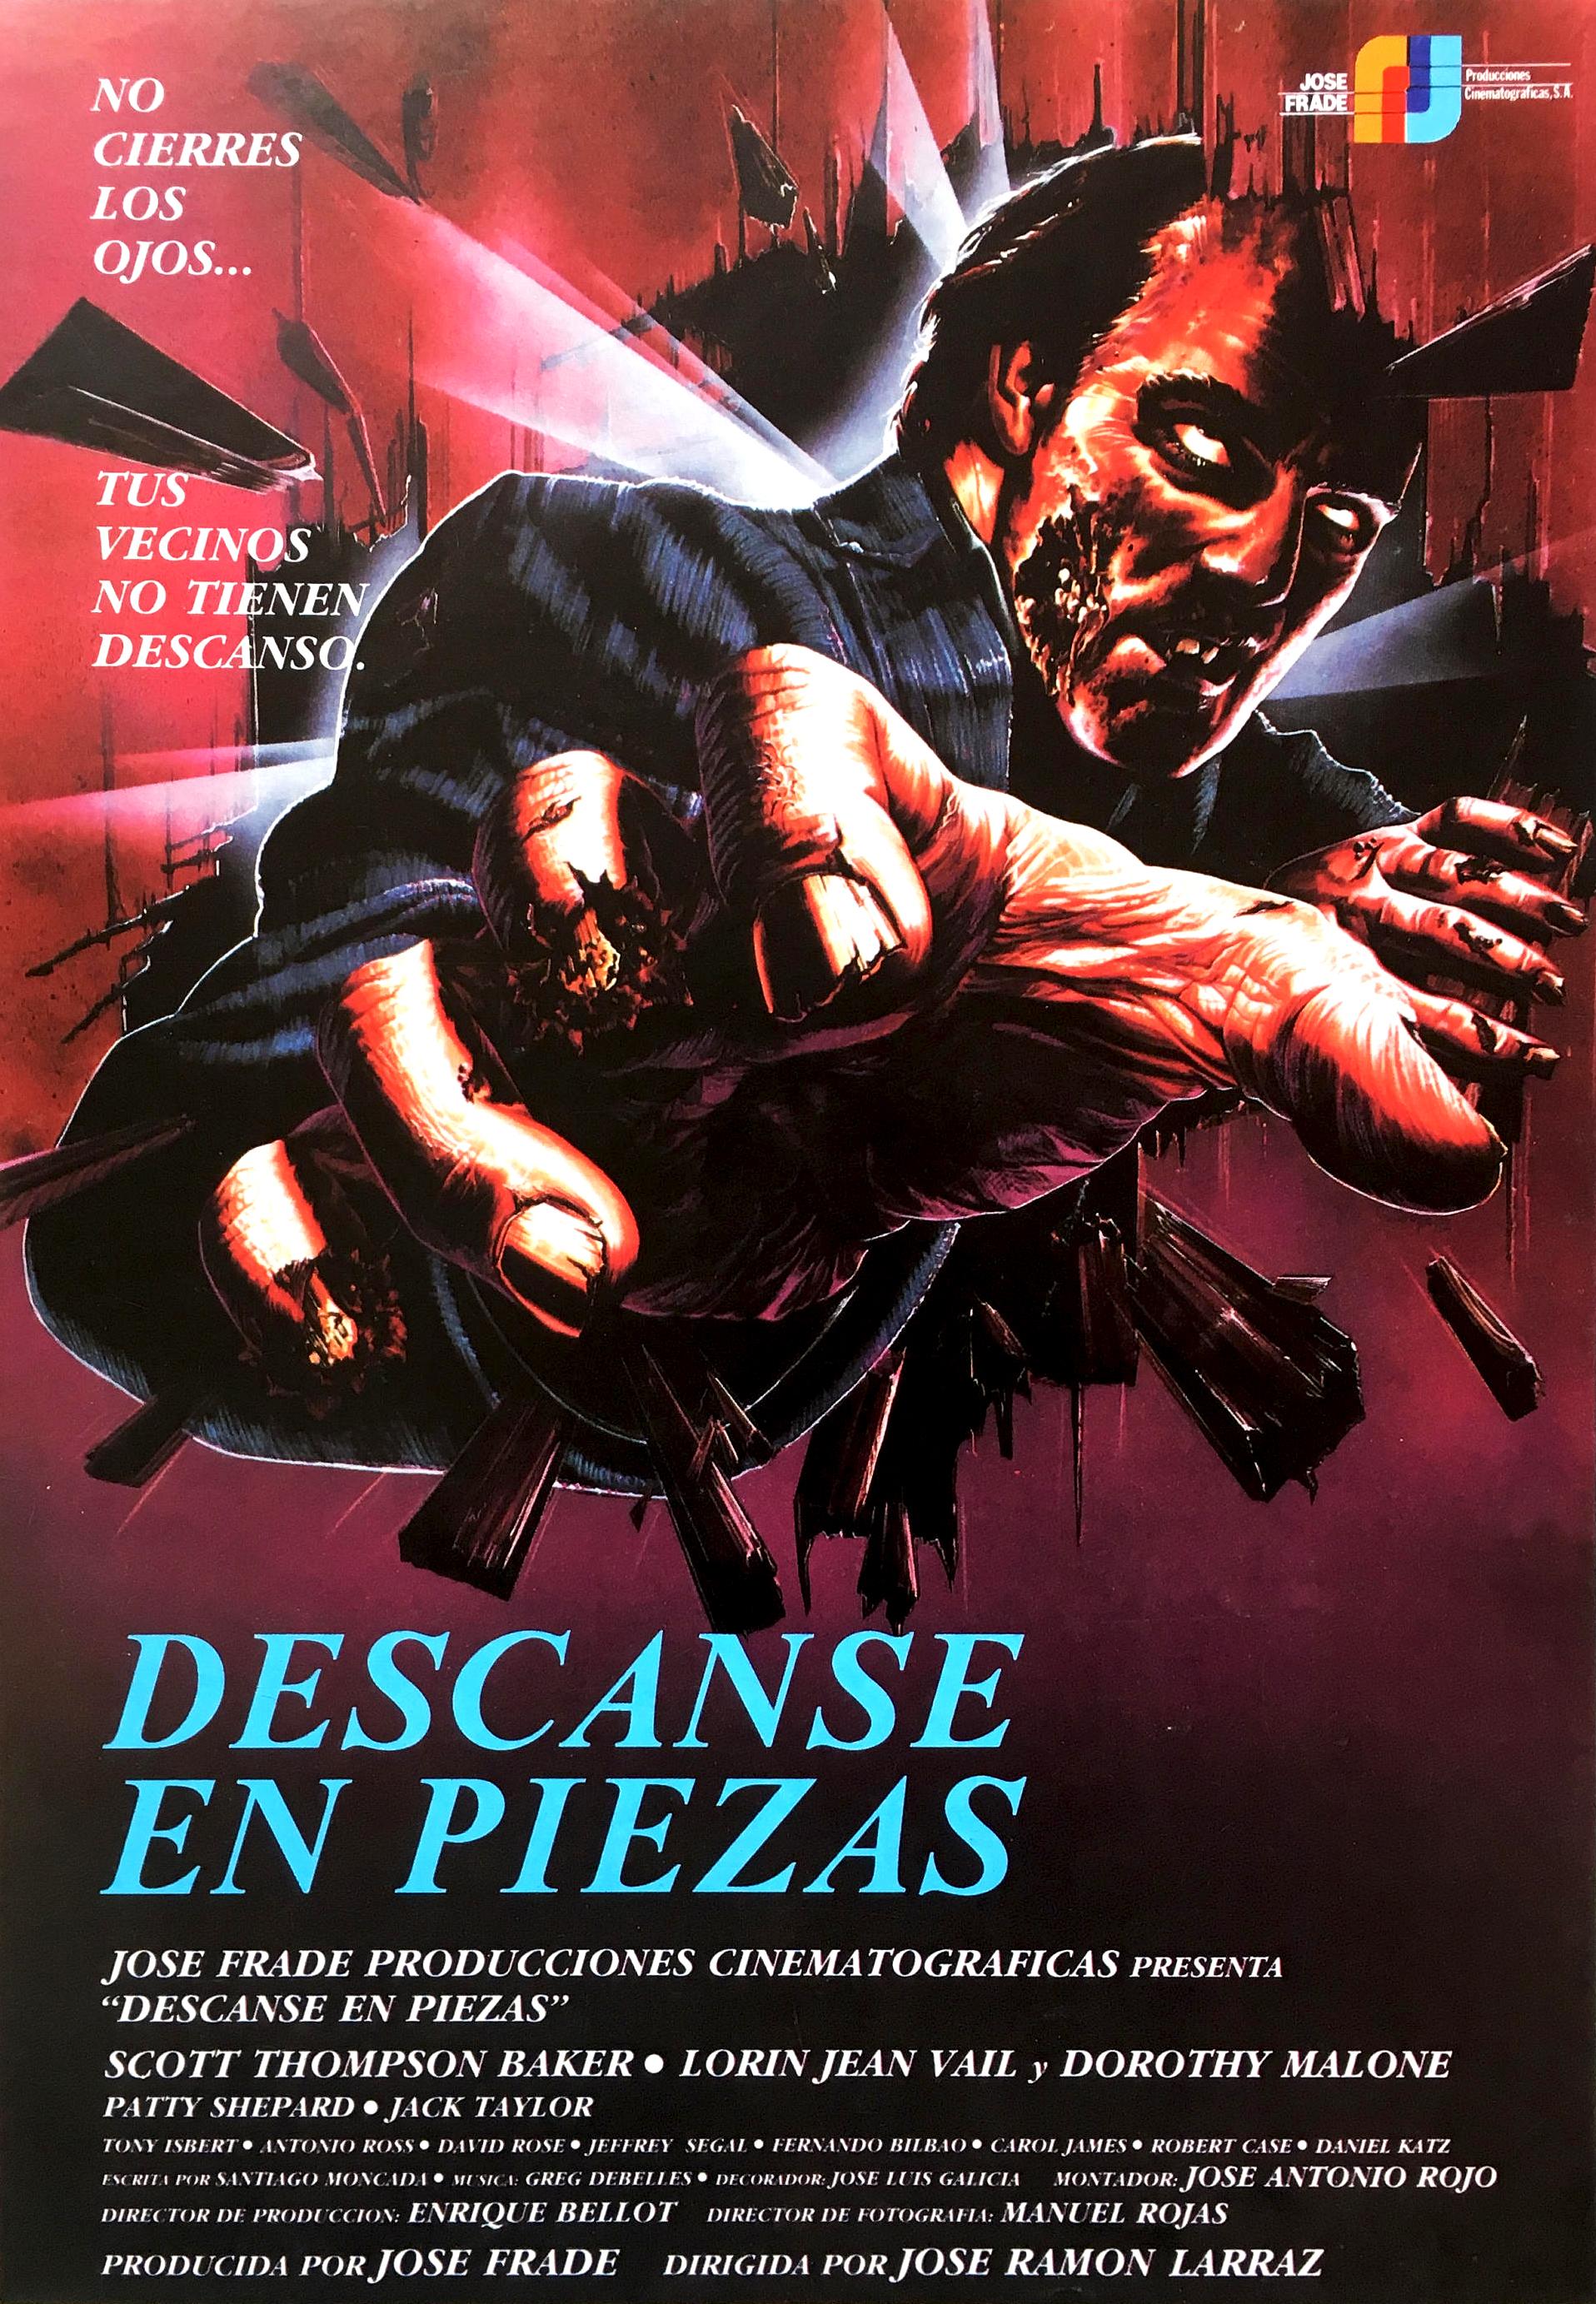 Descanse en piezas (1988)